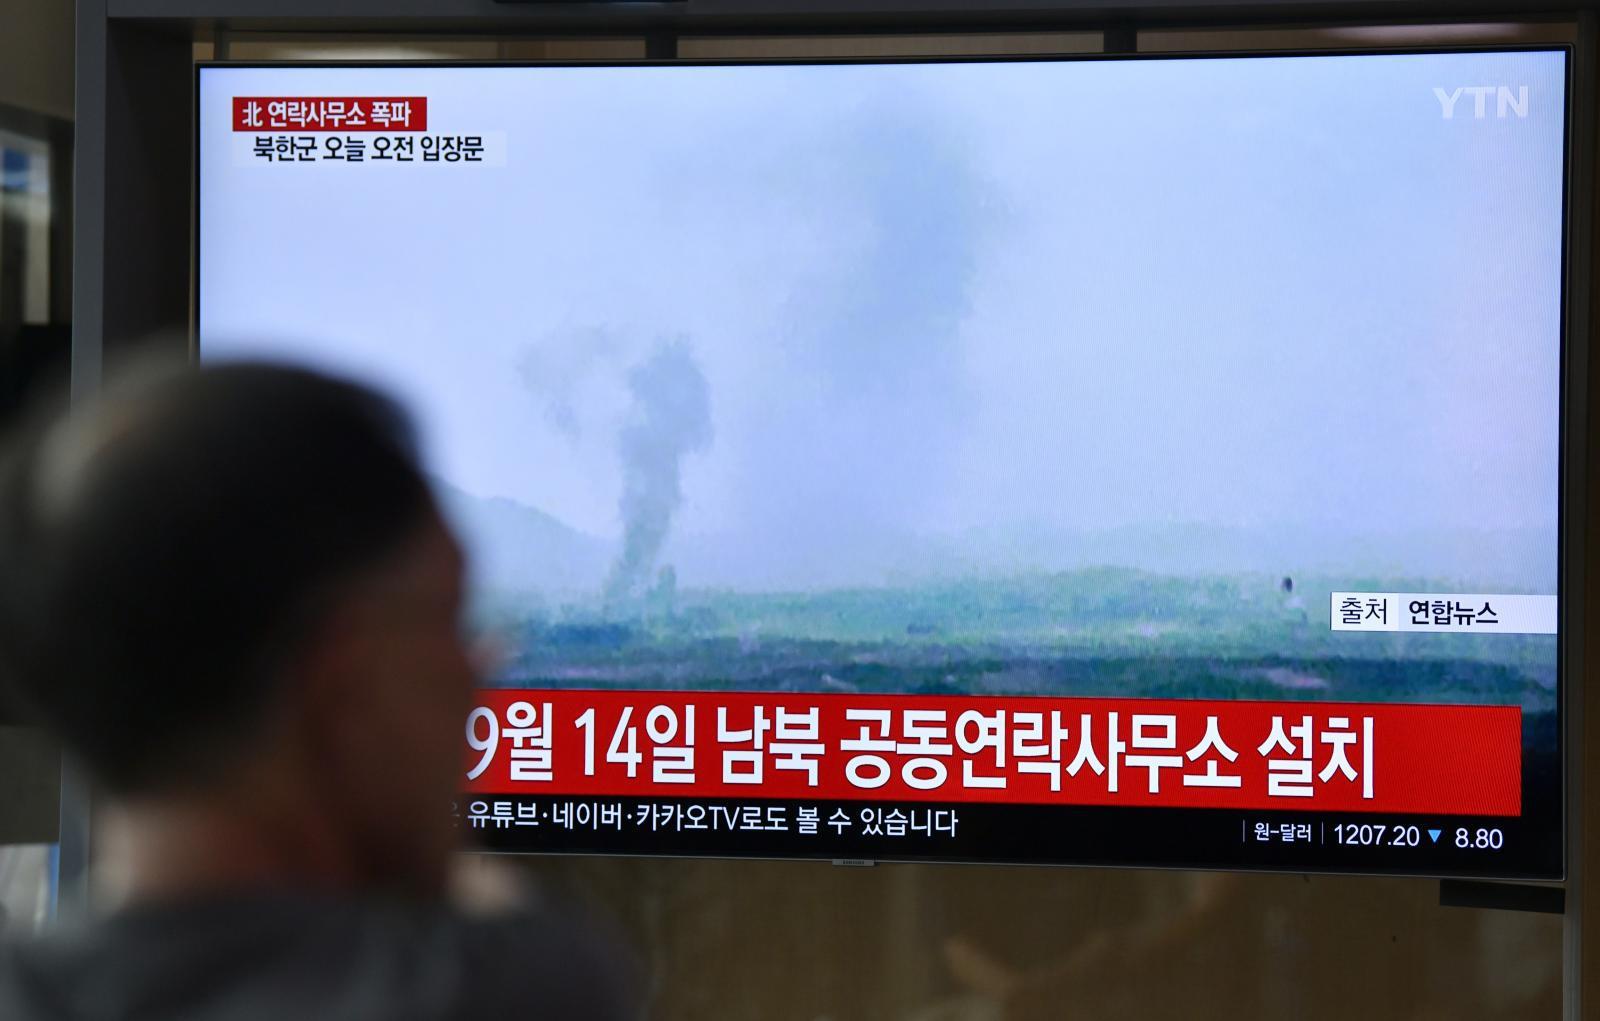 """สั่งบึ้ม!! สำนักงานติดต่อประสานงานระหว่าง """"เกาหลีเหนือและเกาหลีใต้"""""""